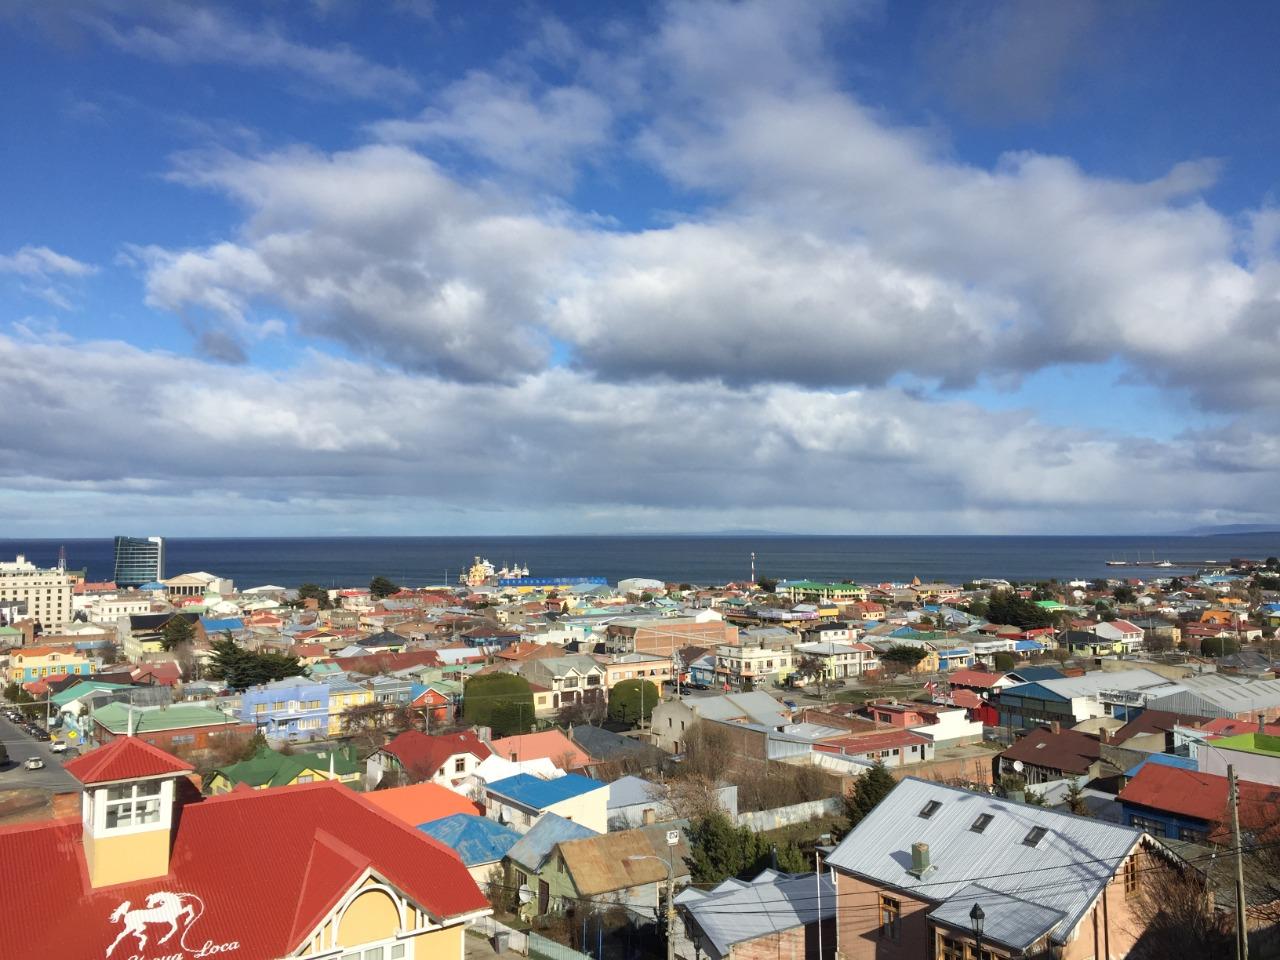 Ciudad de Punta Arenas desde mirador